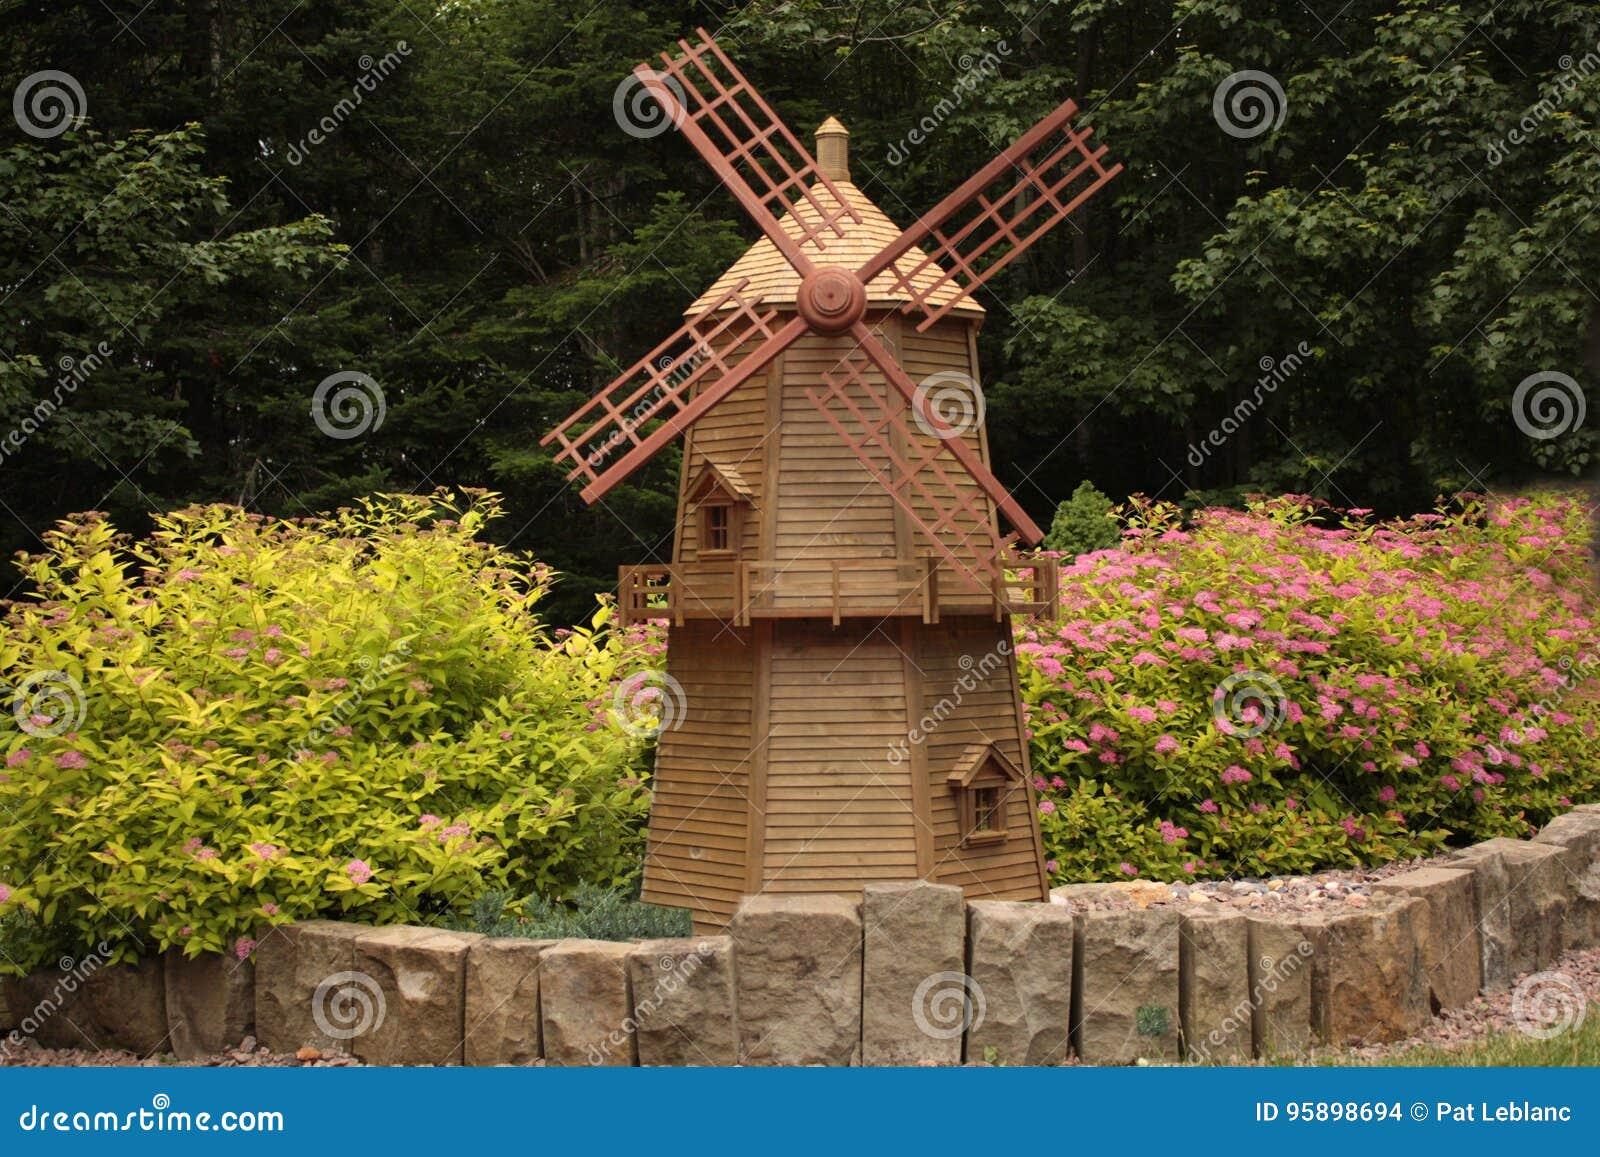 moulin vent de jardin photo stock image du wooden 95898694. Black Bedroom Furniture Sets. Home Design Ideas